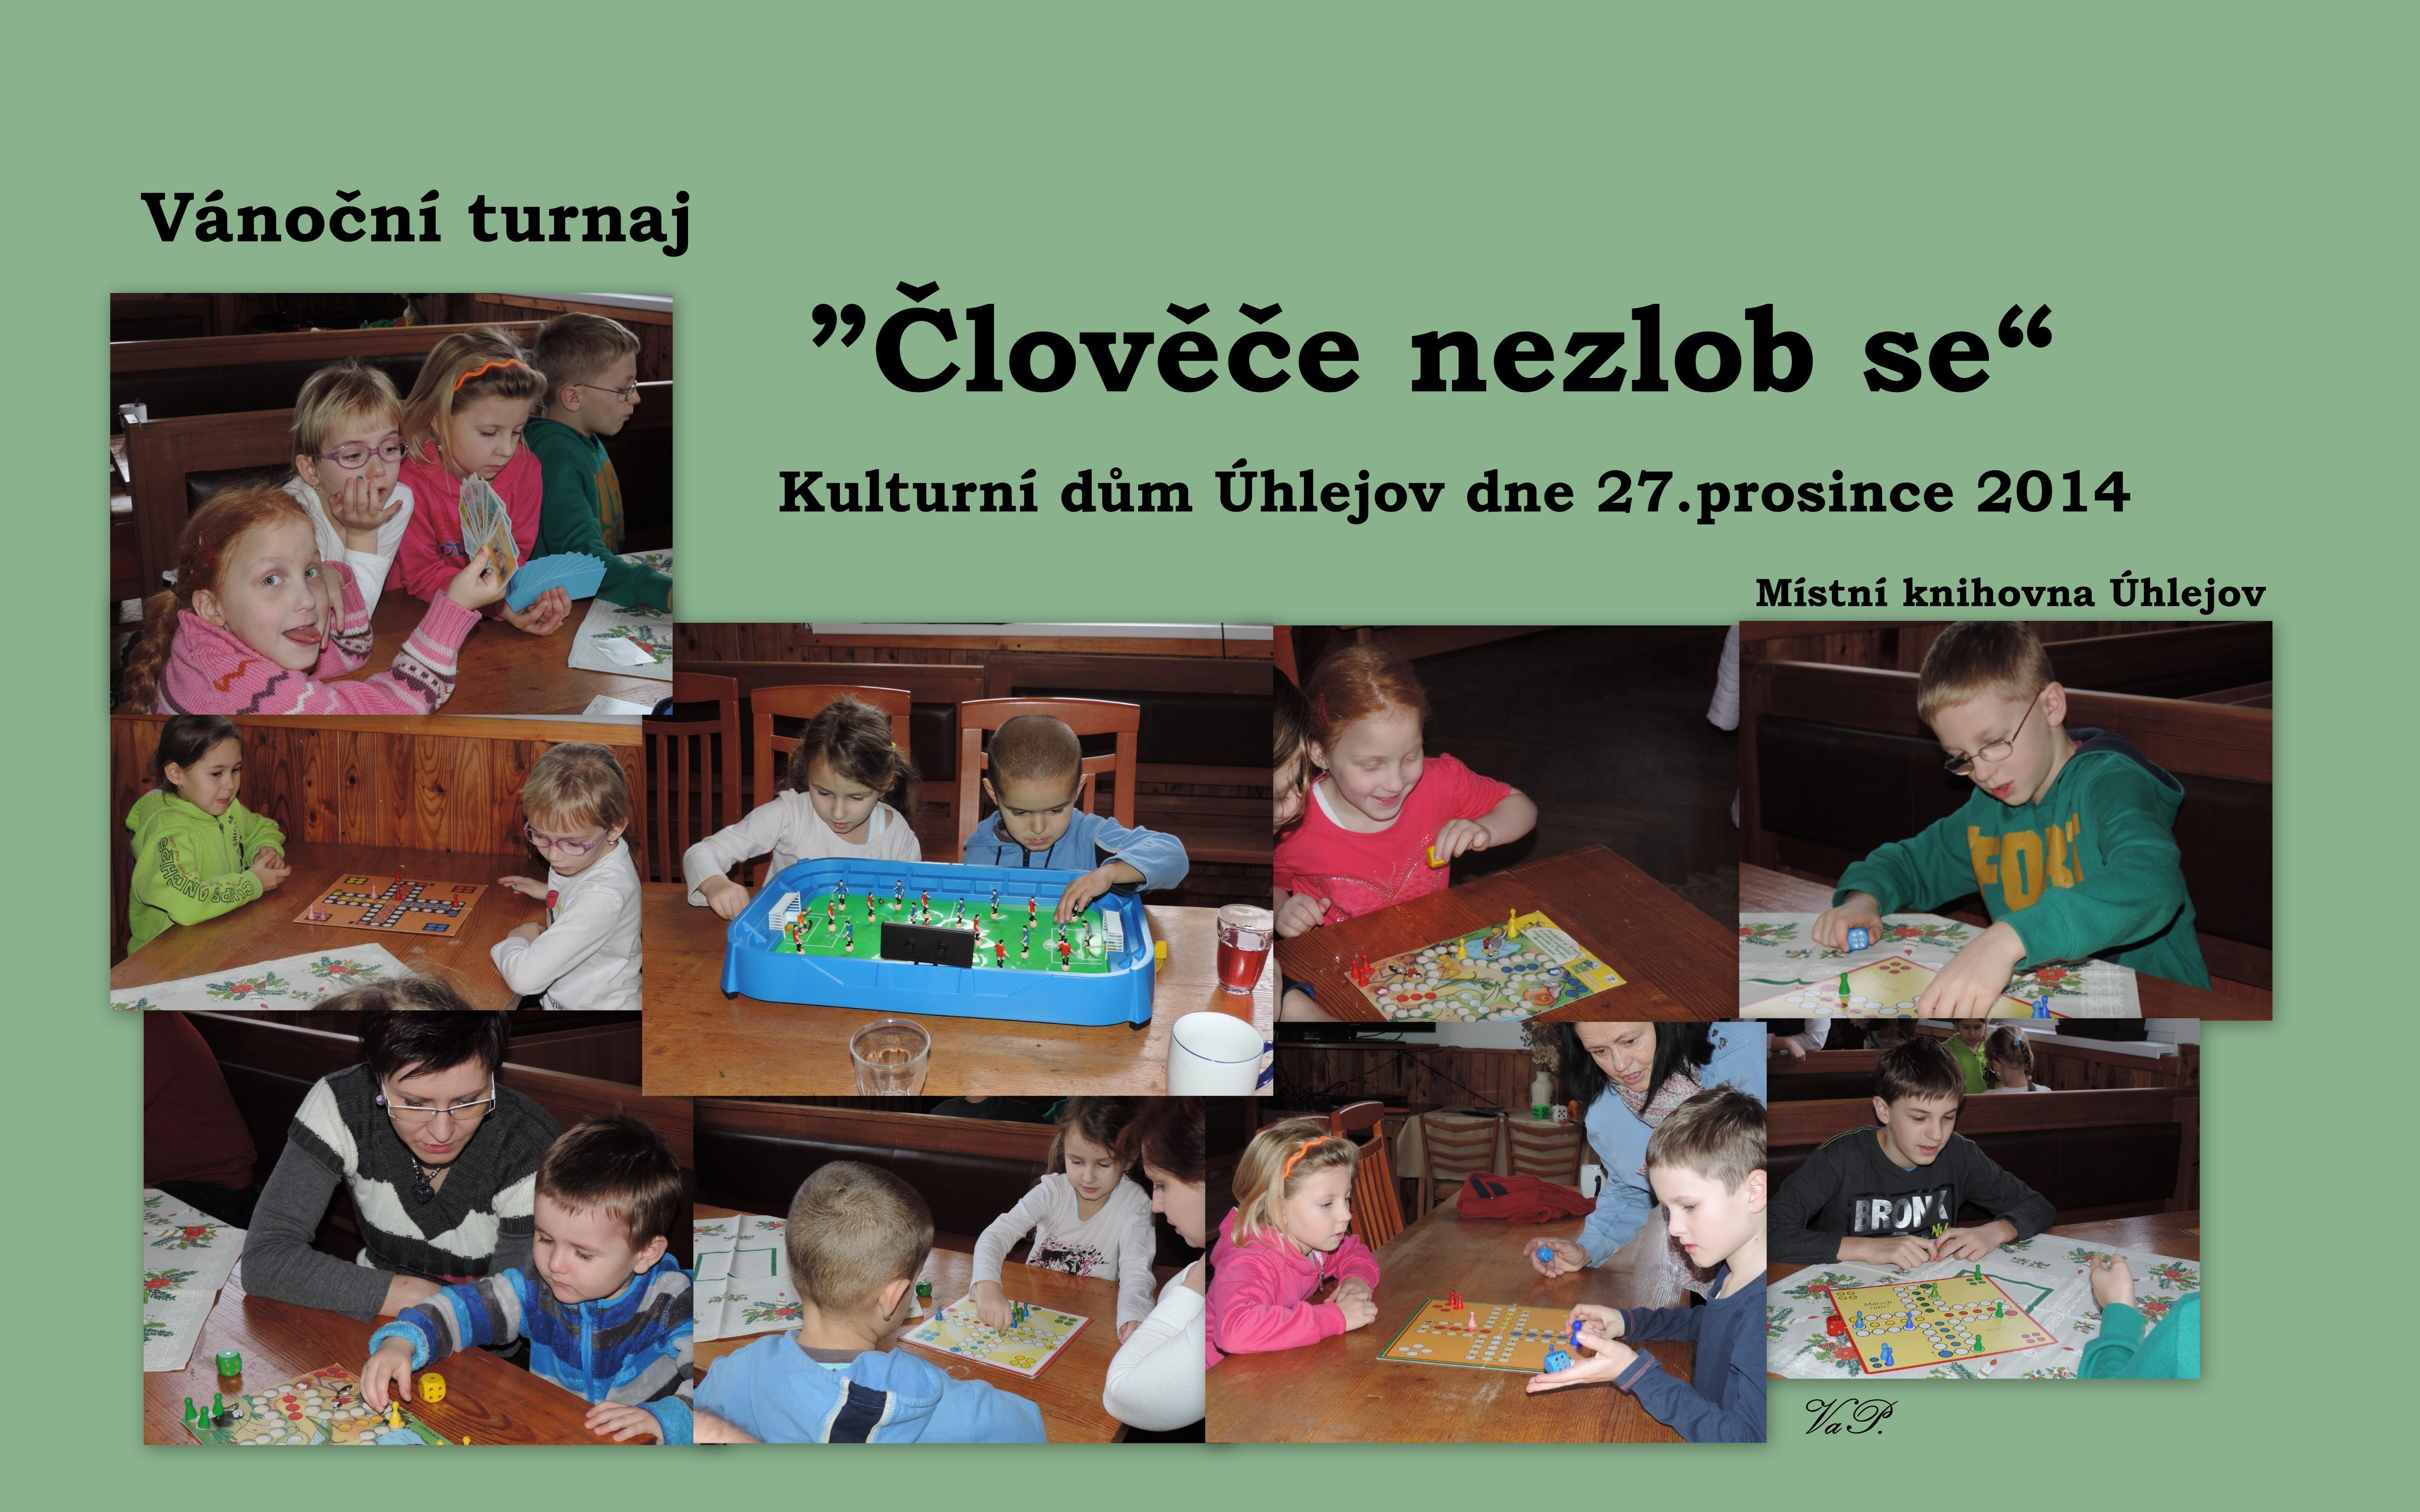 OBRÁZEK : clovece_nezlob_se_-_prosinec_2014_kolaz_c.1-001_.jpg